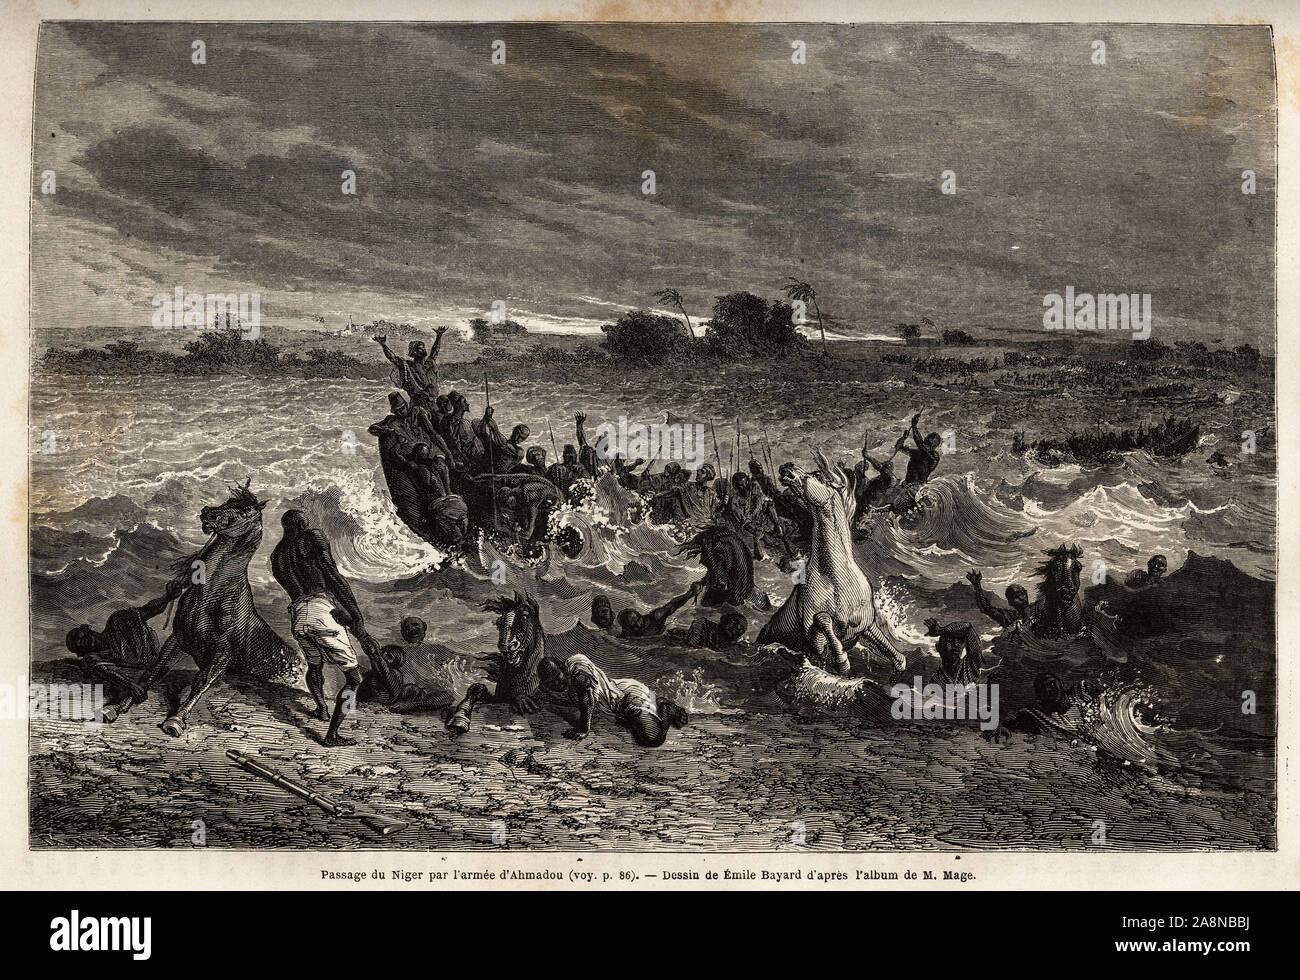 Le transport de l'armee du roi Ahmadou, sur le fleuve Niger pendant la saison des pluies lui cause de nombreux naufrages et beaucoup de pertes de chev Stock Photo